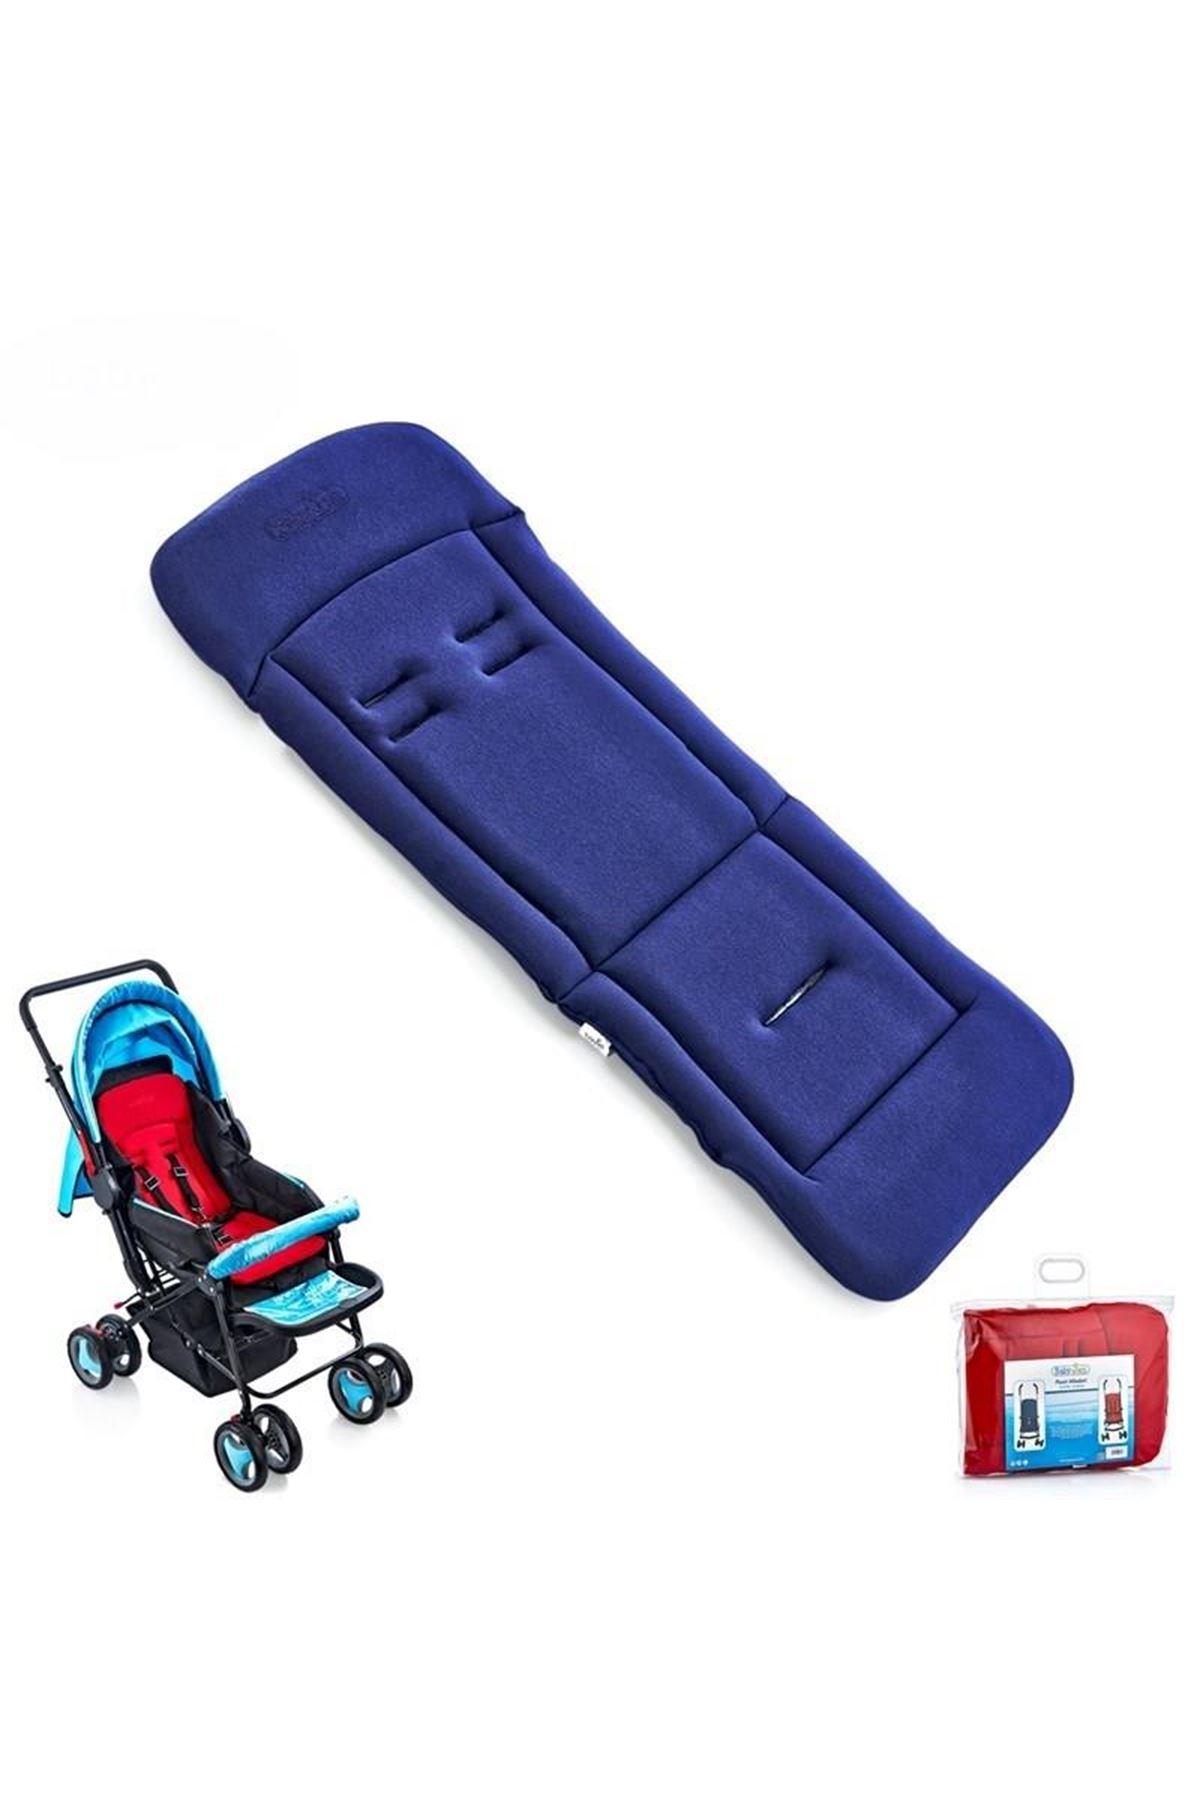 BabyJem Bebek Arabası Puset Minderi 346 Lacivert